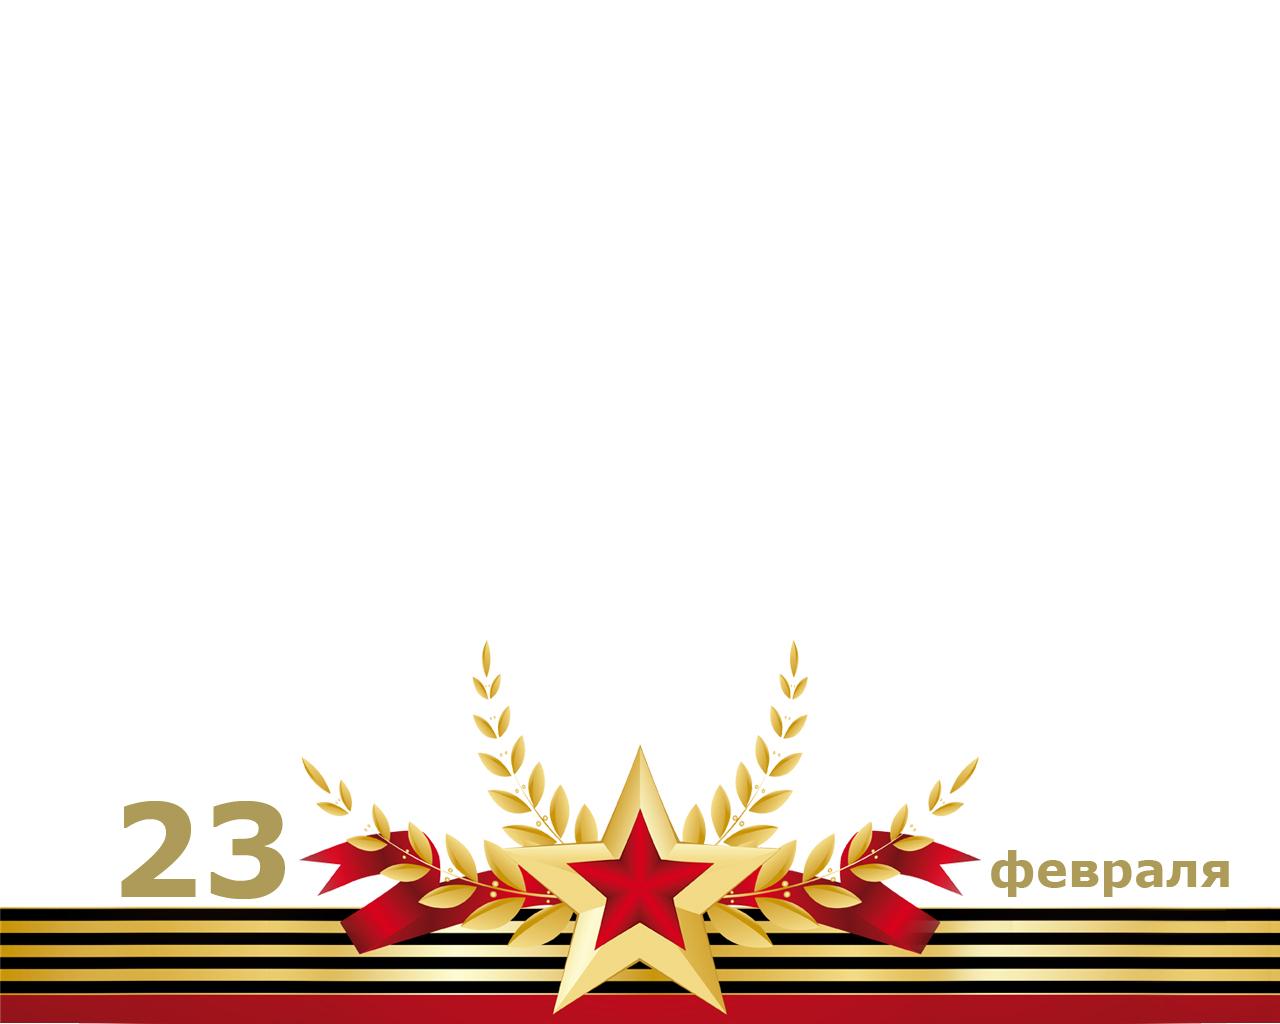 Задний фон для открытки на 23 февраля